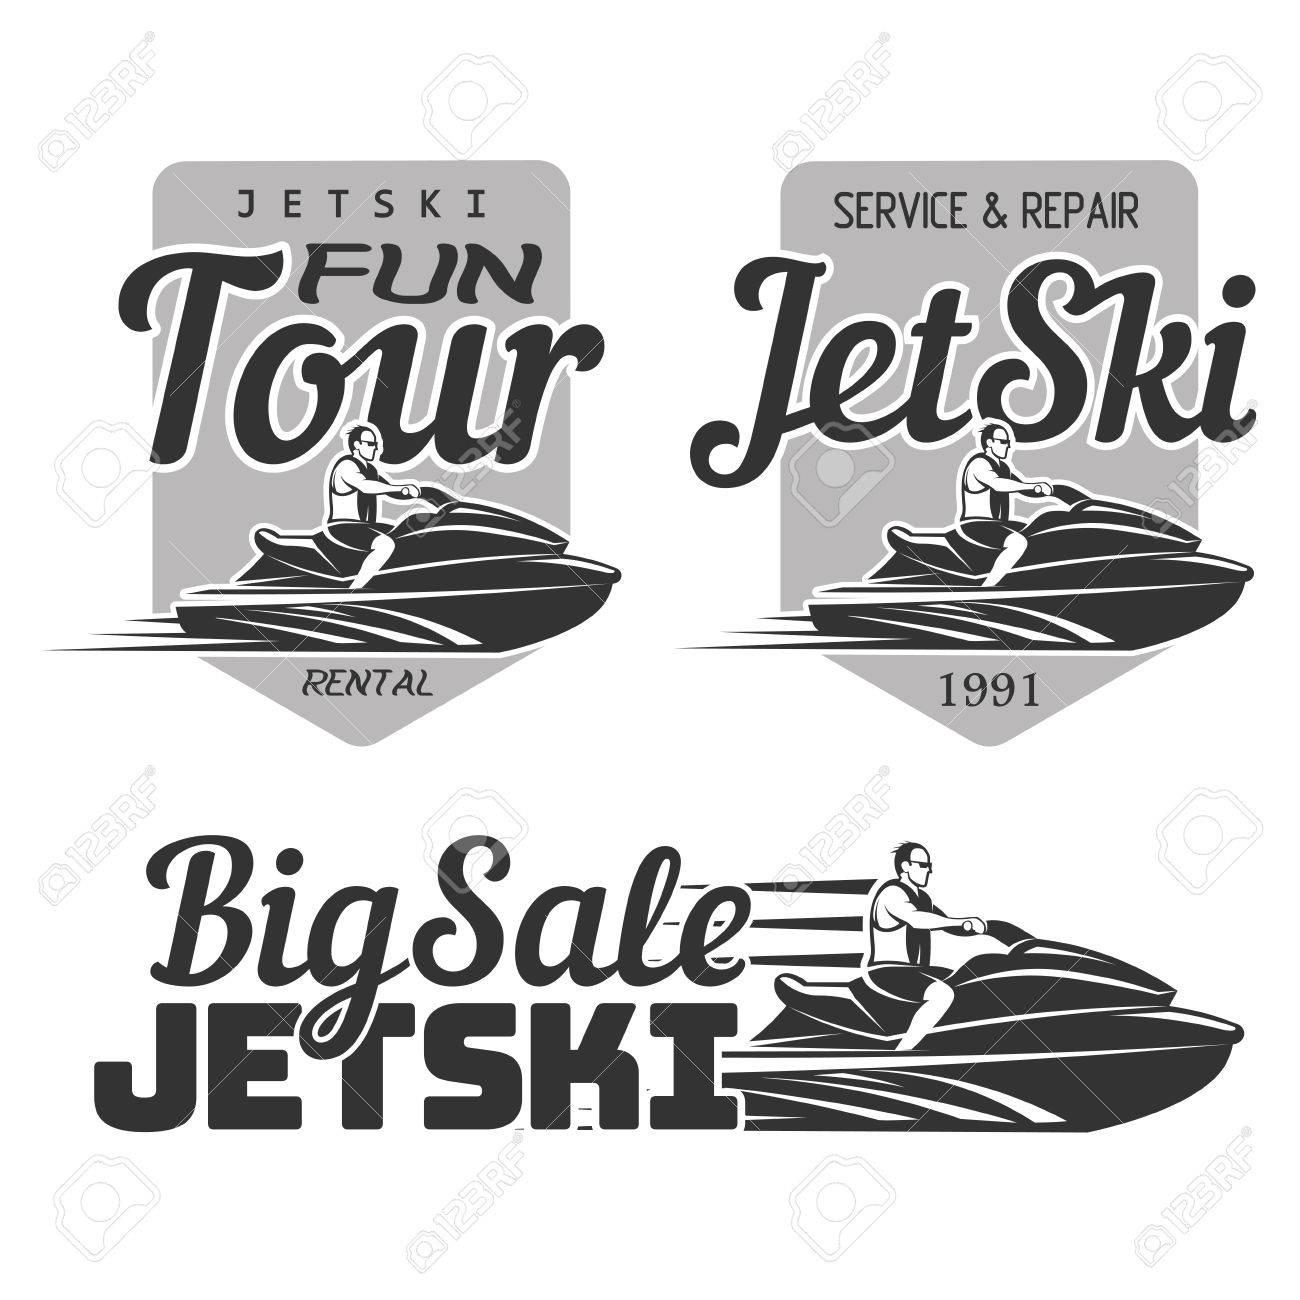 Set of Jet Ski rental, fun tour, service and repair, big sale